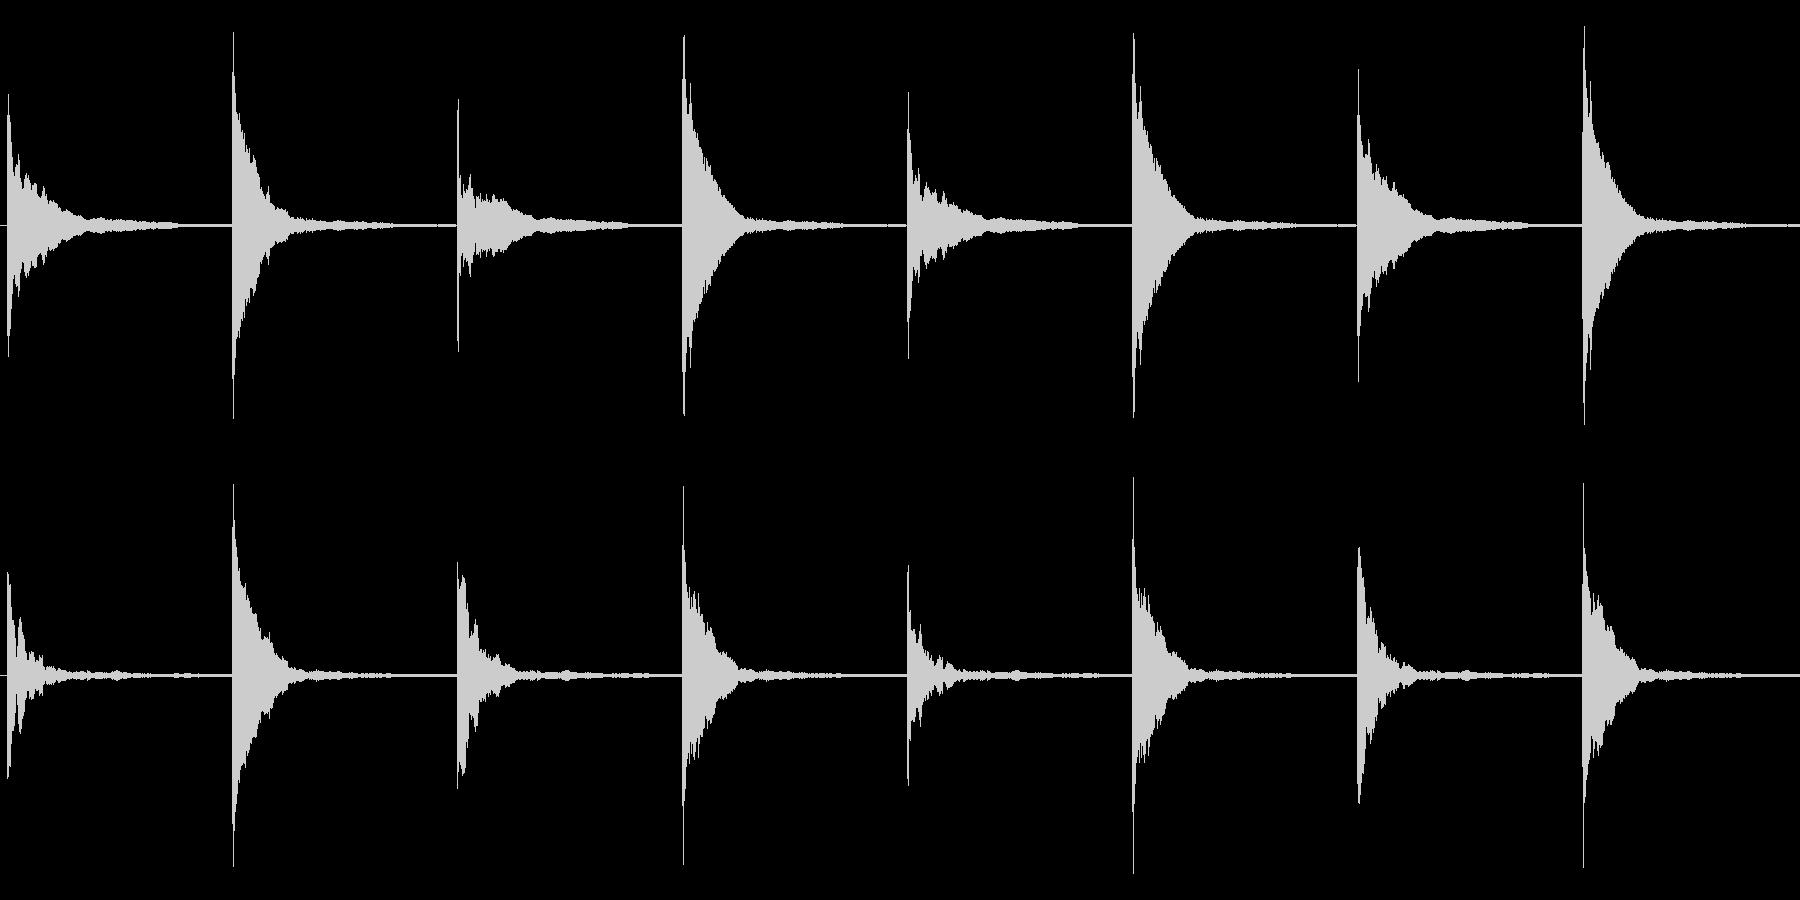 クイズ/シンキングタイム/マレットの未再生の波形